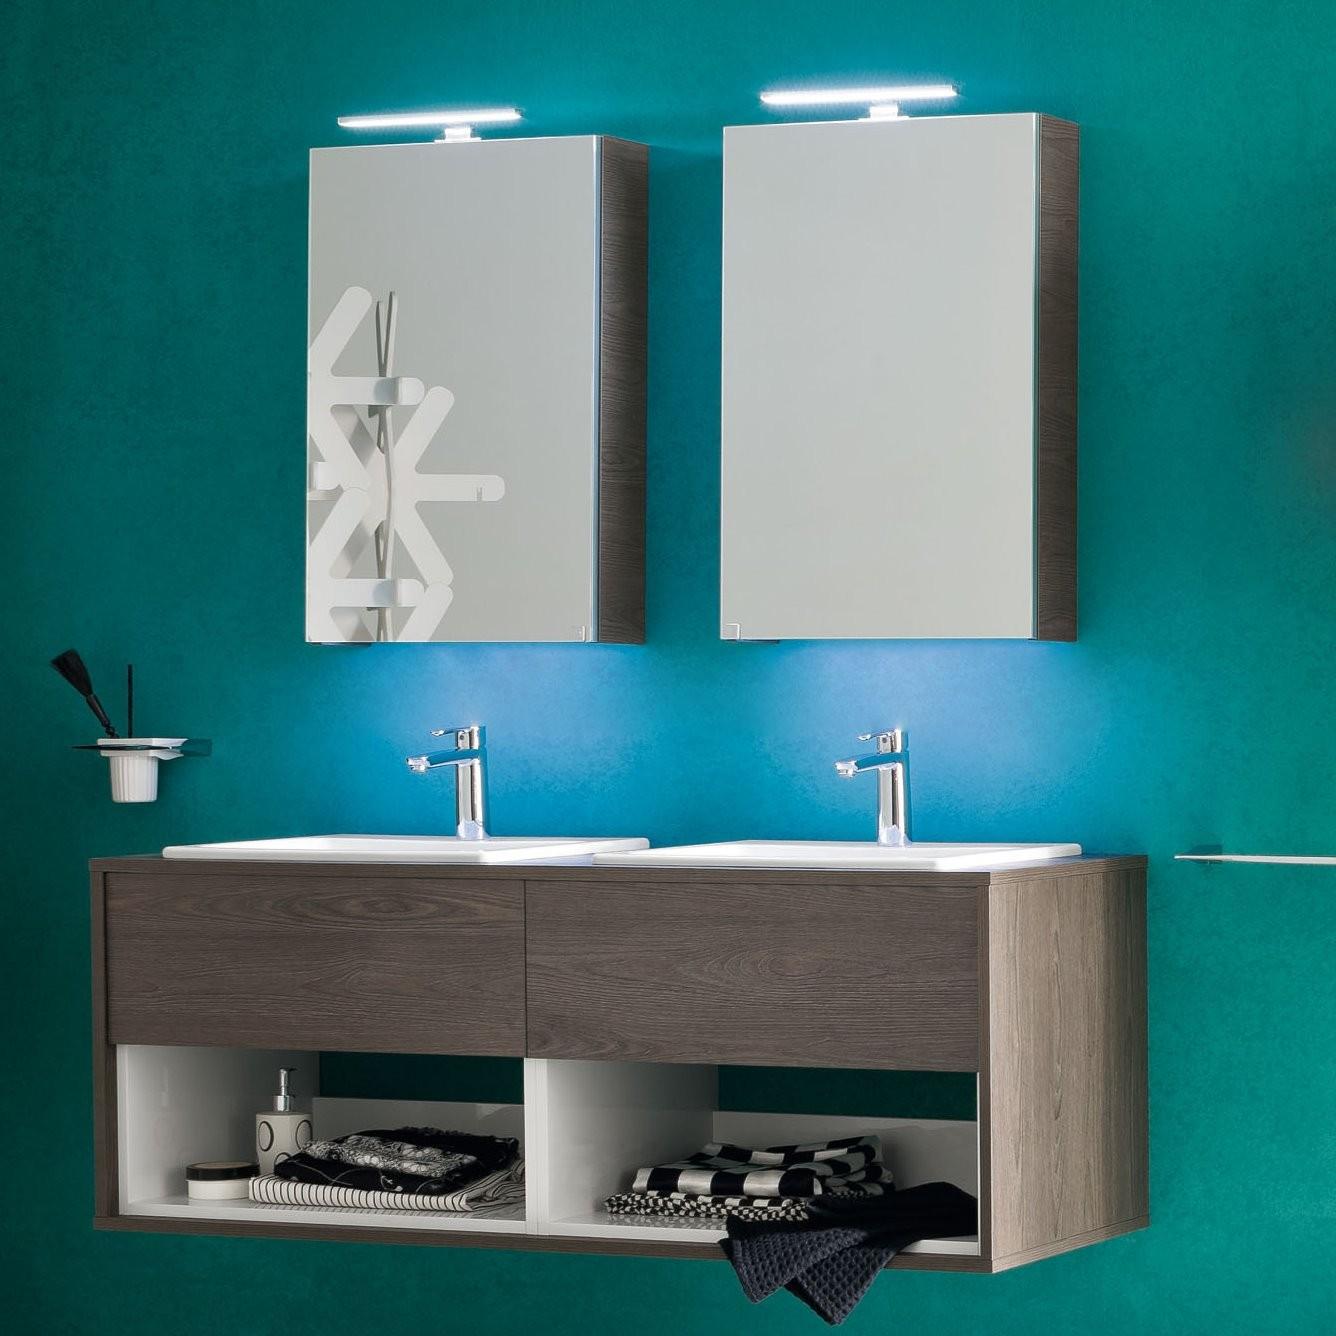 Mobile Sotto Mensola Bagno idee - il progetto di flavia: mobile bagno sospeso con